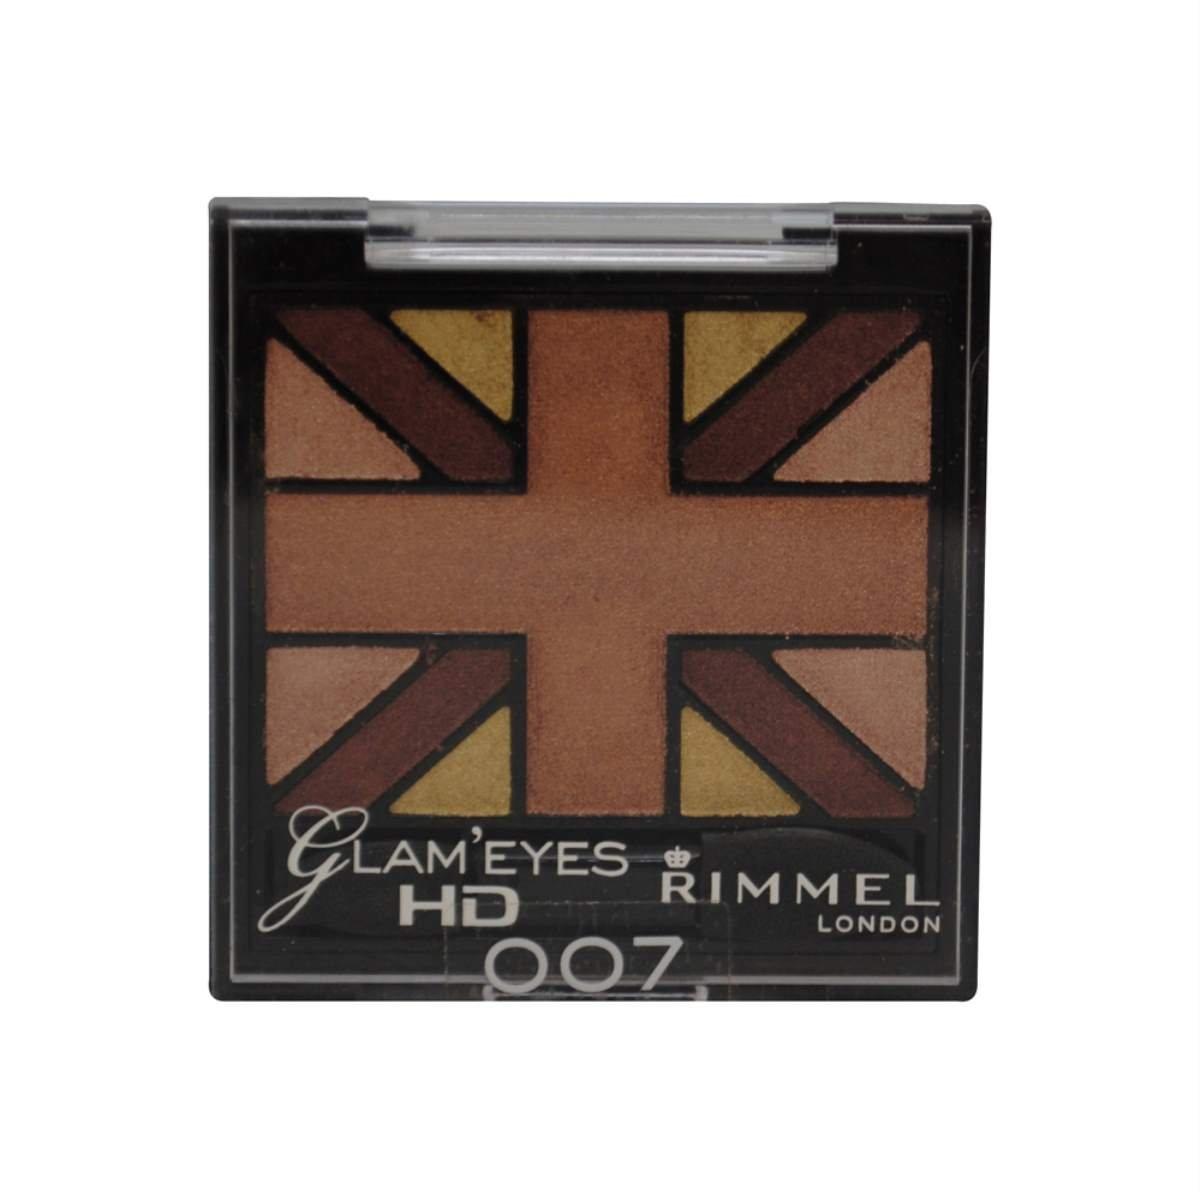 Glam'Eyes HD Quad Eyeshadow Palette - English Oak by Rimmel #14